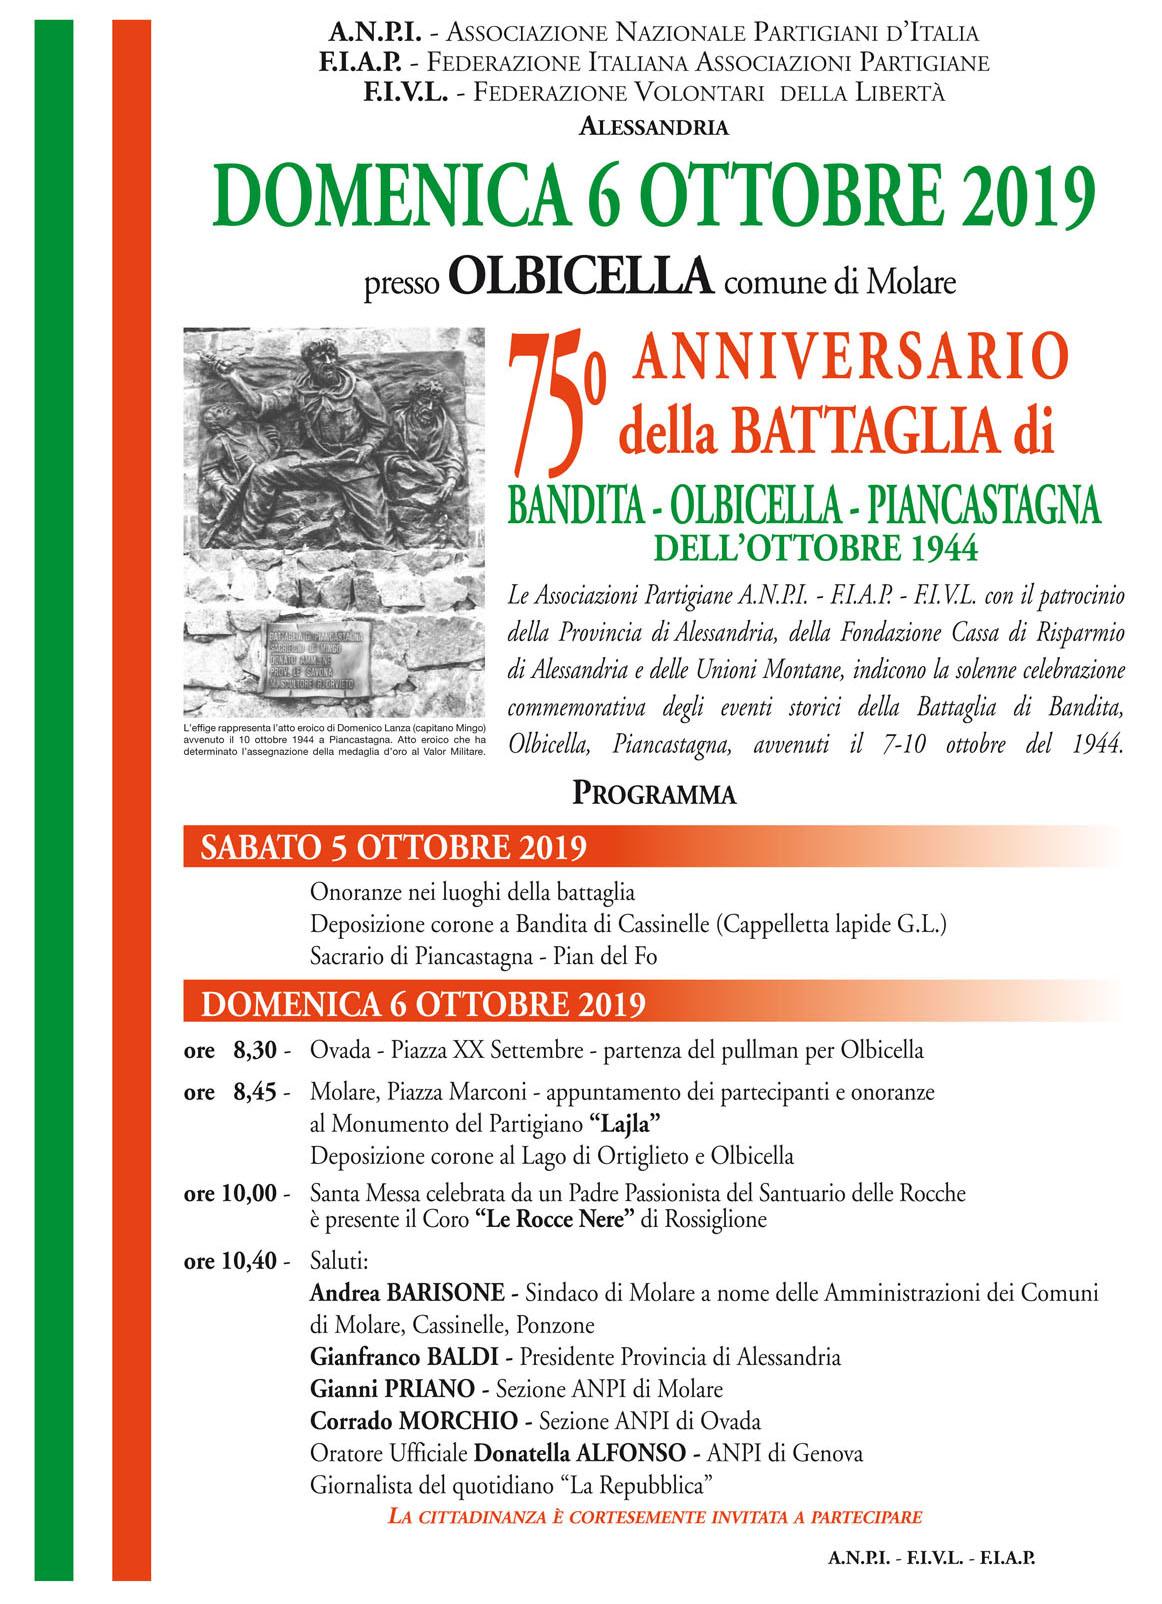 75° Anniversario della Battaglia di Bandita-Olbicella-Piancastagna